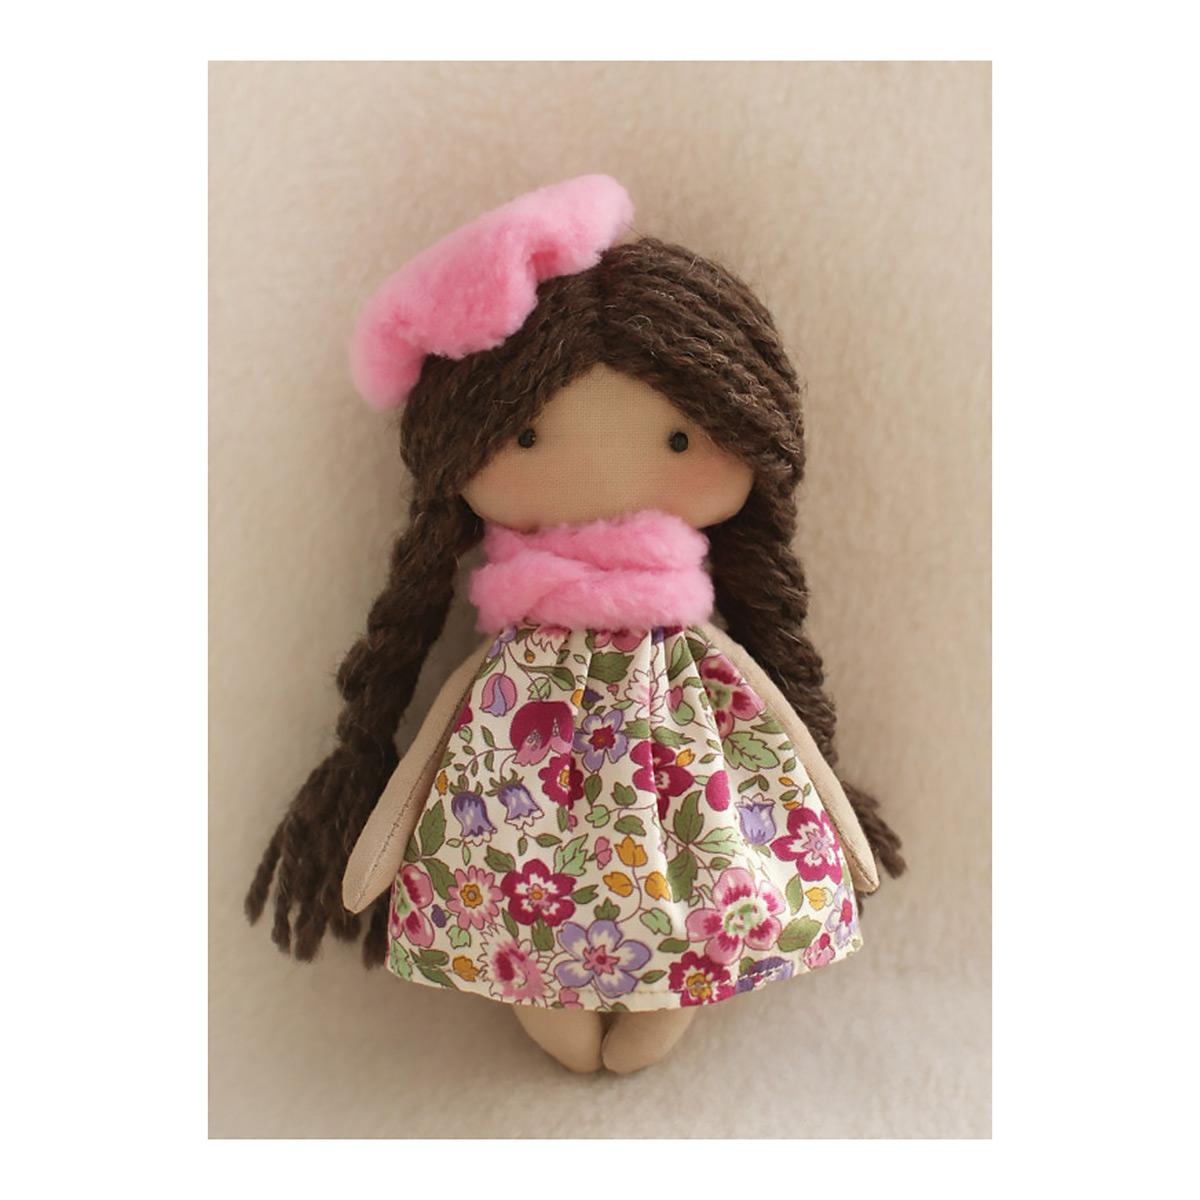 МК-02 Набор для изготовления текстильной игрушки HAPPY HANDS 'Софийка' 15см фото